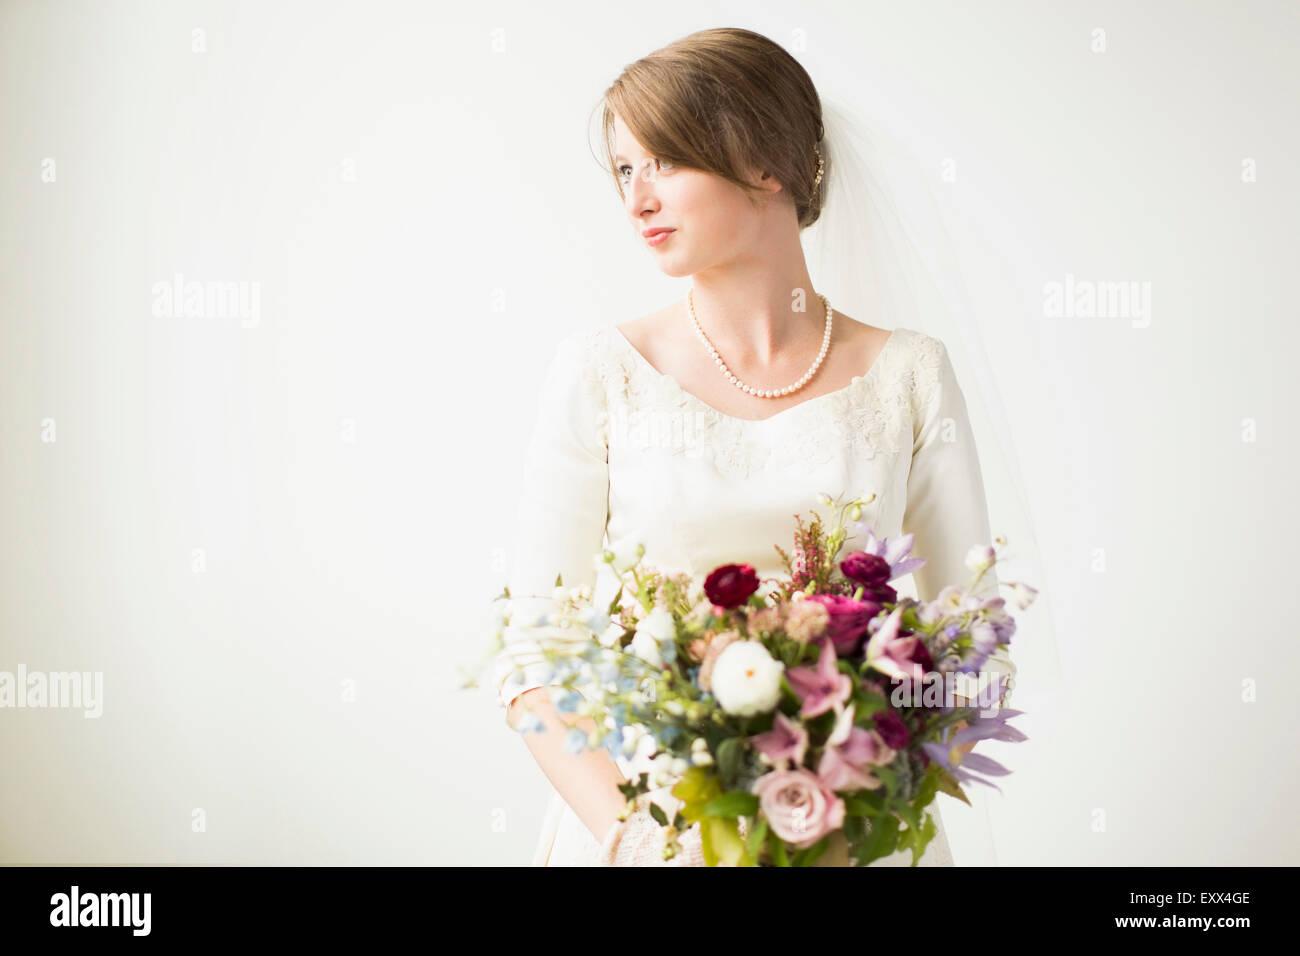 Ritratto di sposa con bouquet di nozze Immagini Stock